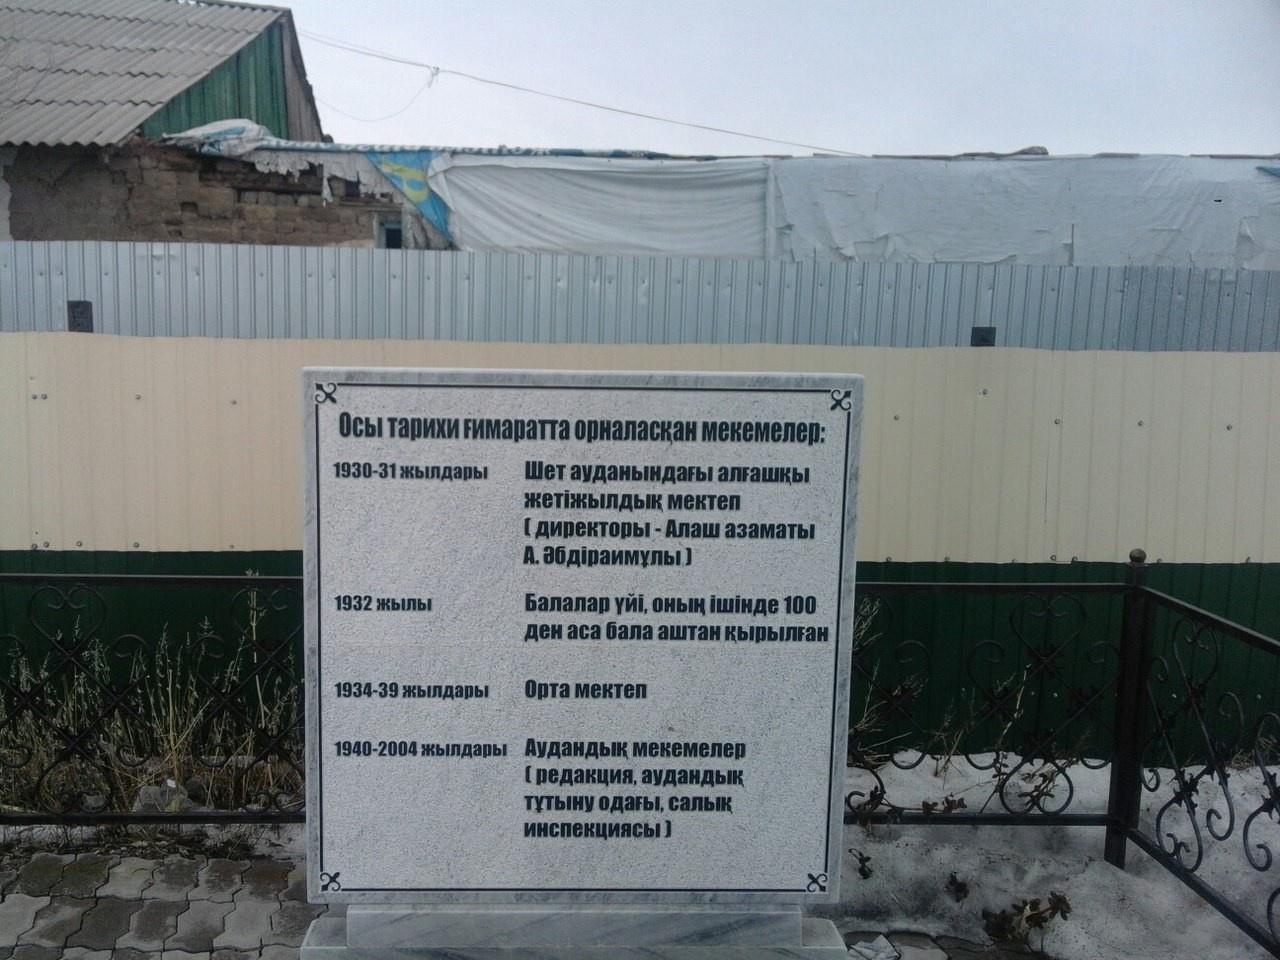 Памятная доска о жертвах голода в Казахстане 1932-1933 гг. Село Аксу-Аюлы, Шетский район, Карагандинская область.